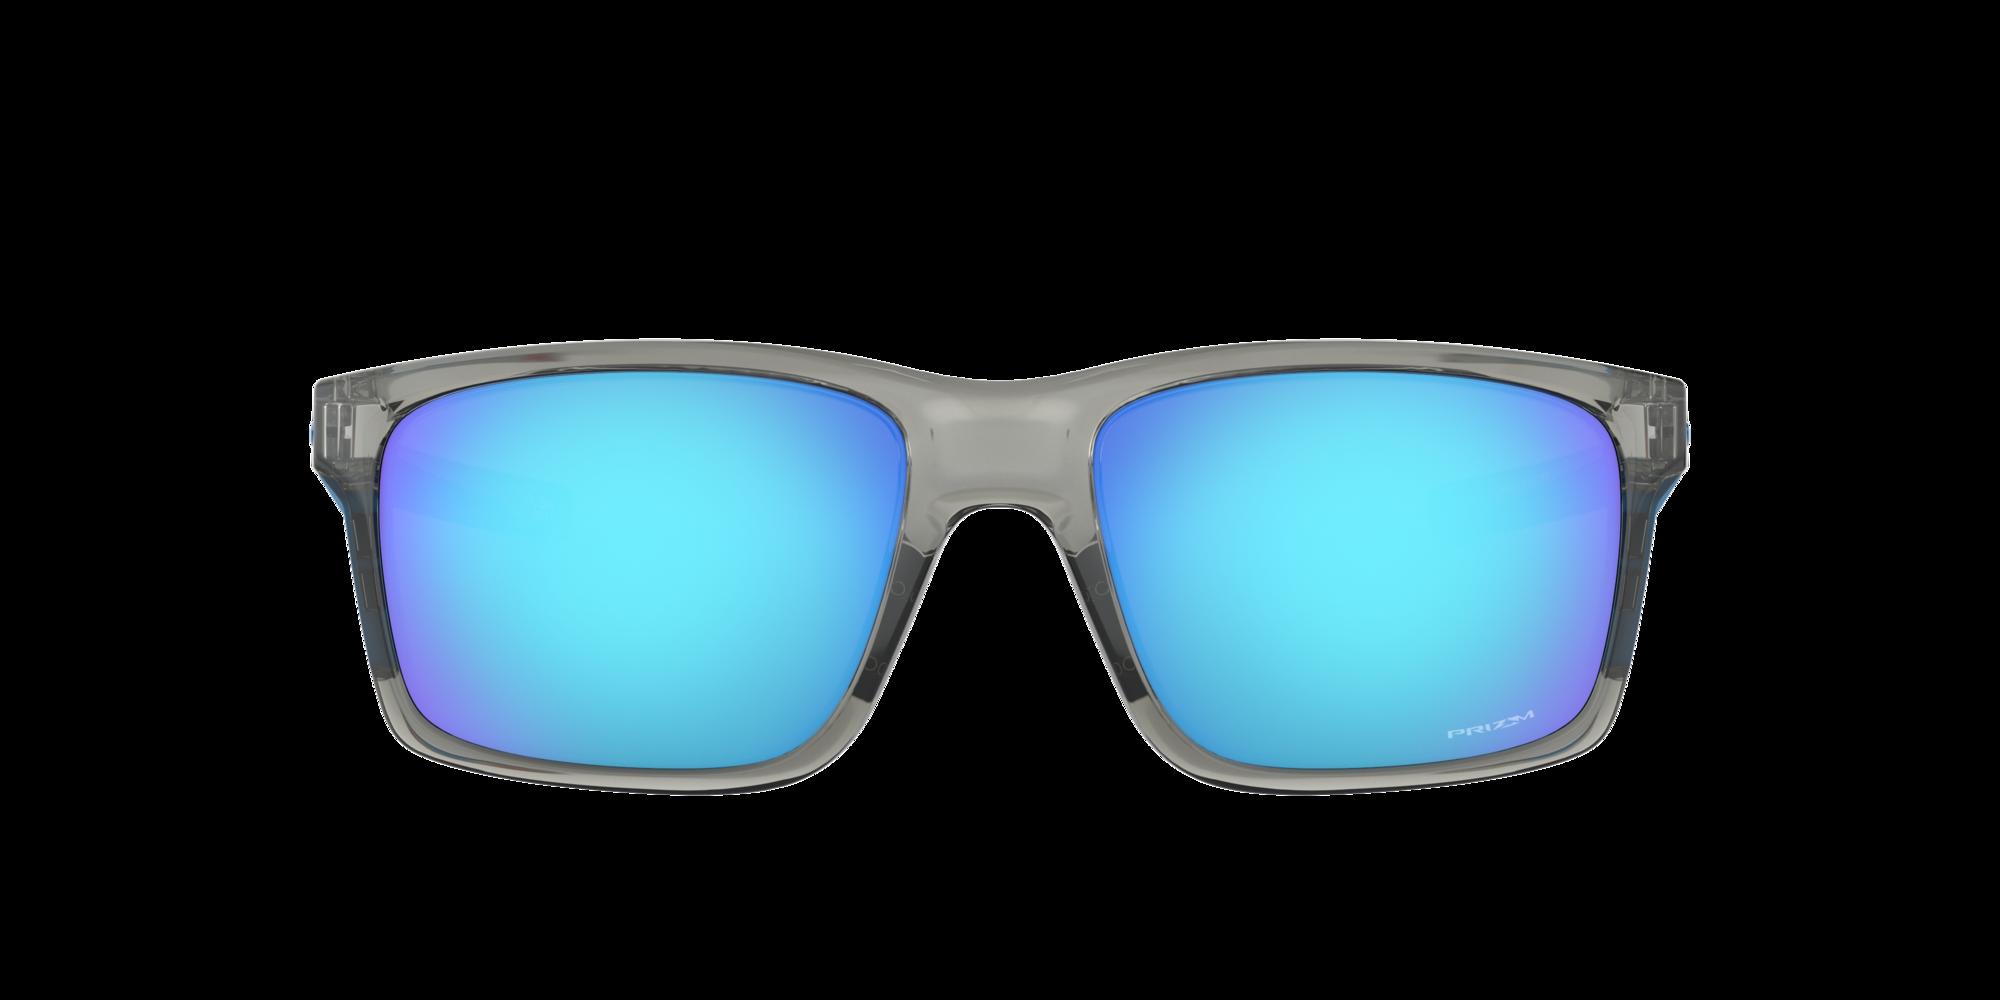 Imagen para OO9264 61 MAINLINK de LensCrafters |  Espejuelos, espejuelos graduados en línea, gafas